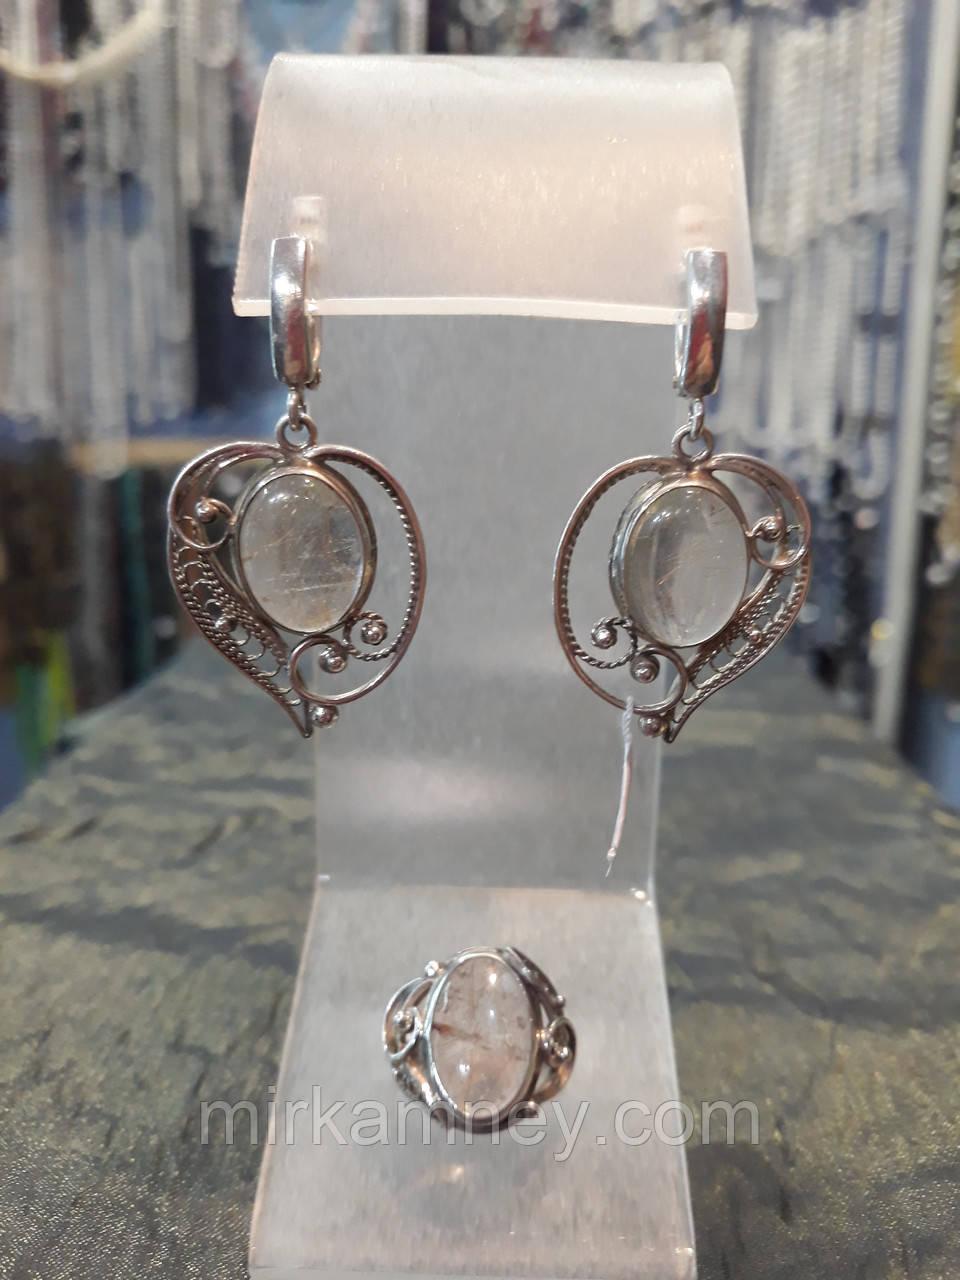 Шикарный серебряный комплект ручной работы серьги и кольцо с камнем кварц волосатик